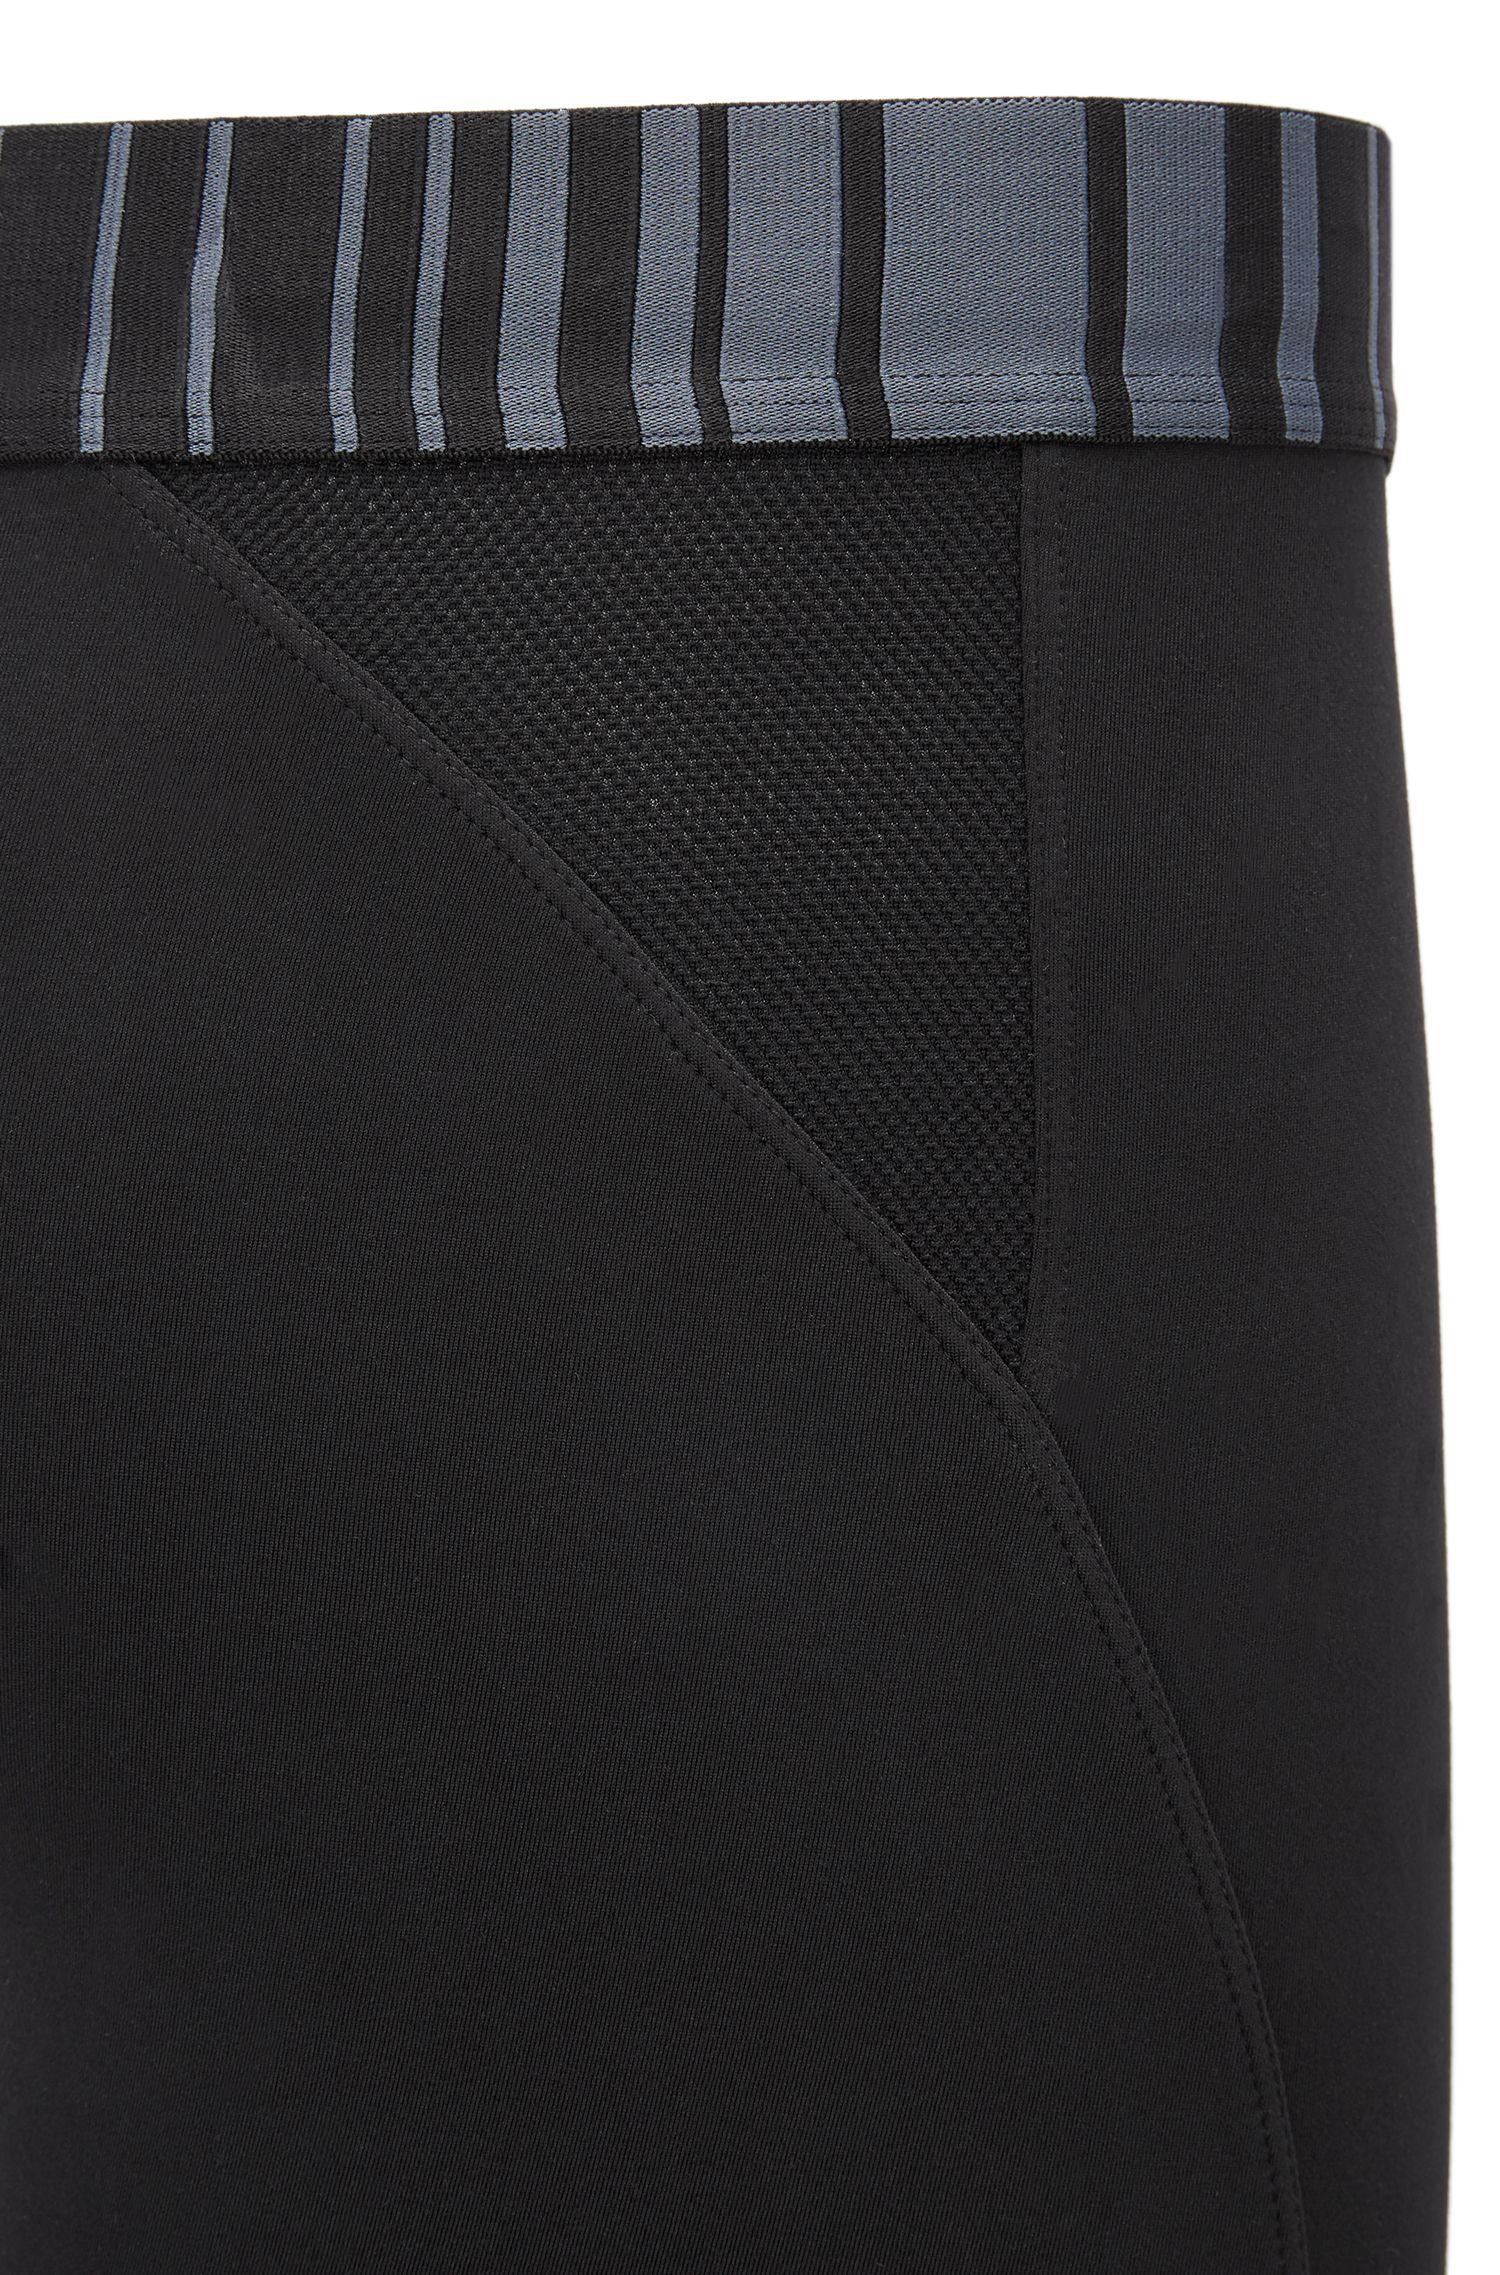 Pantaloncini da ciclista in tessuto tecnico elasticizzato con COOLMAX®